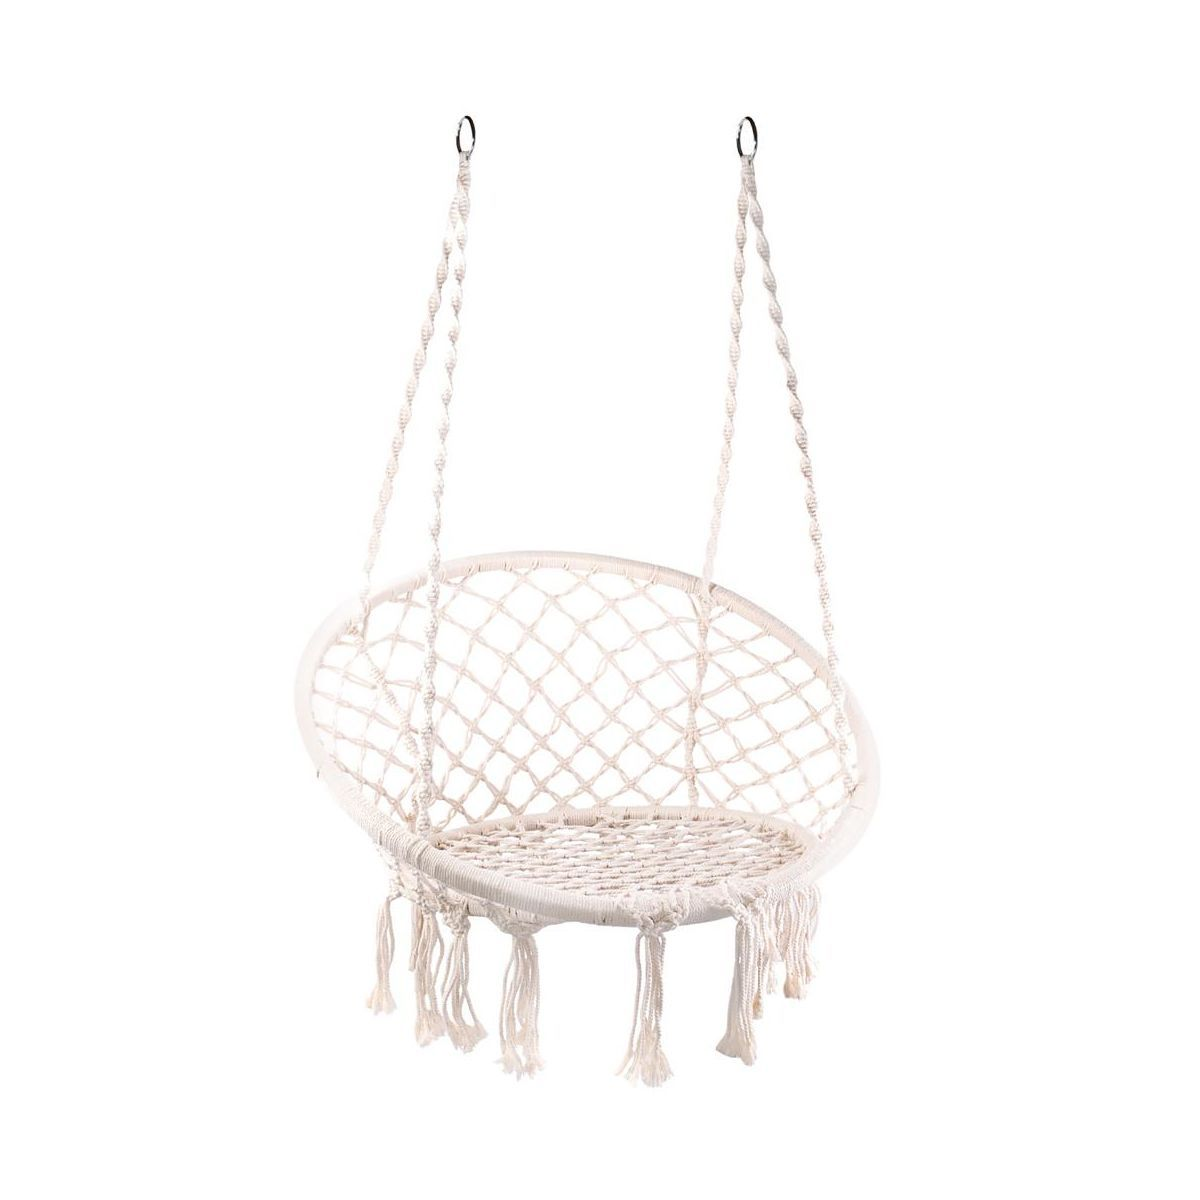 Fotel Wiszacy Idaho Hustawki Ogrodowe W Atrakcyjnej Cenie W Sklepach Leroy Merlin Hanging Chair Decor Home Decor